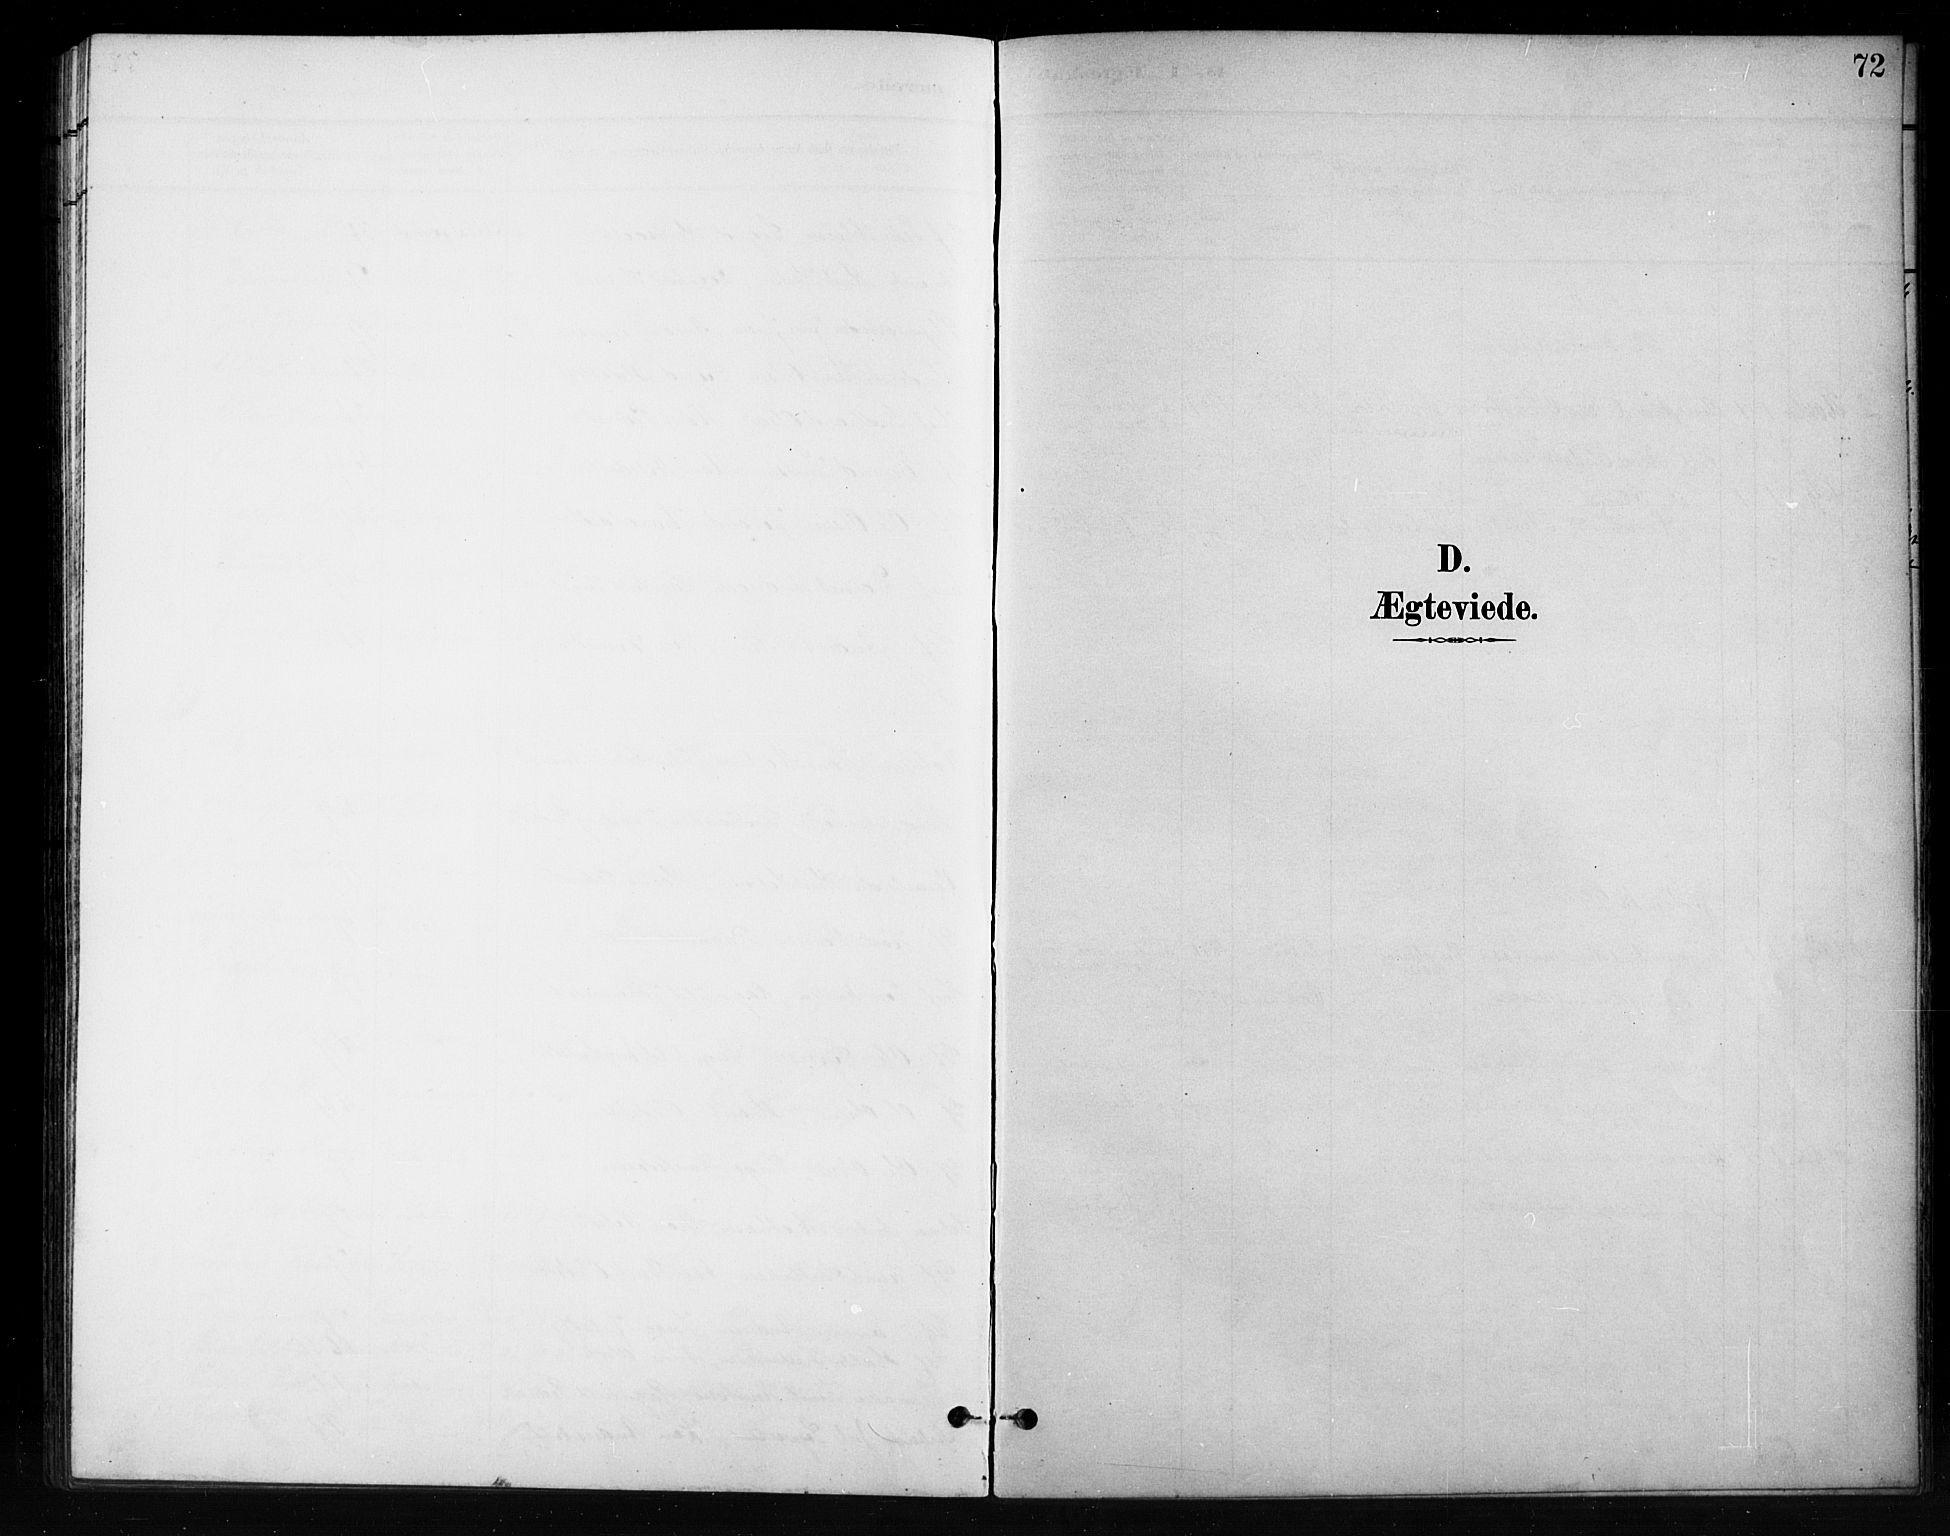 SAH, Nord-Aurdal prestekontor, Klokkerbok nr. 11, 1897-1918, s. 72